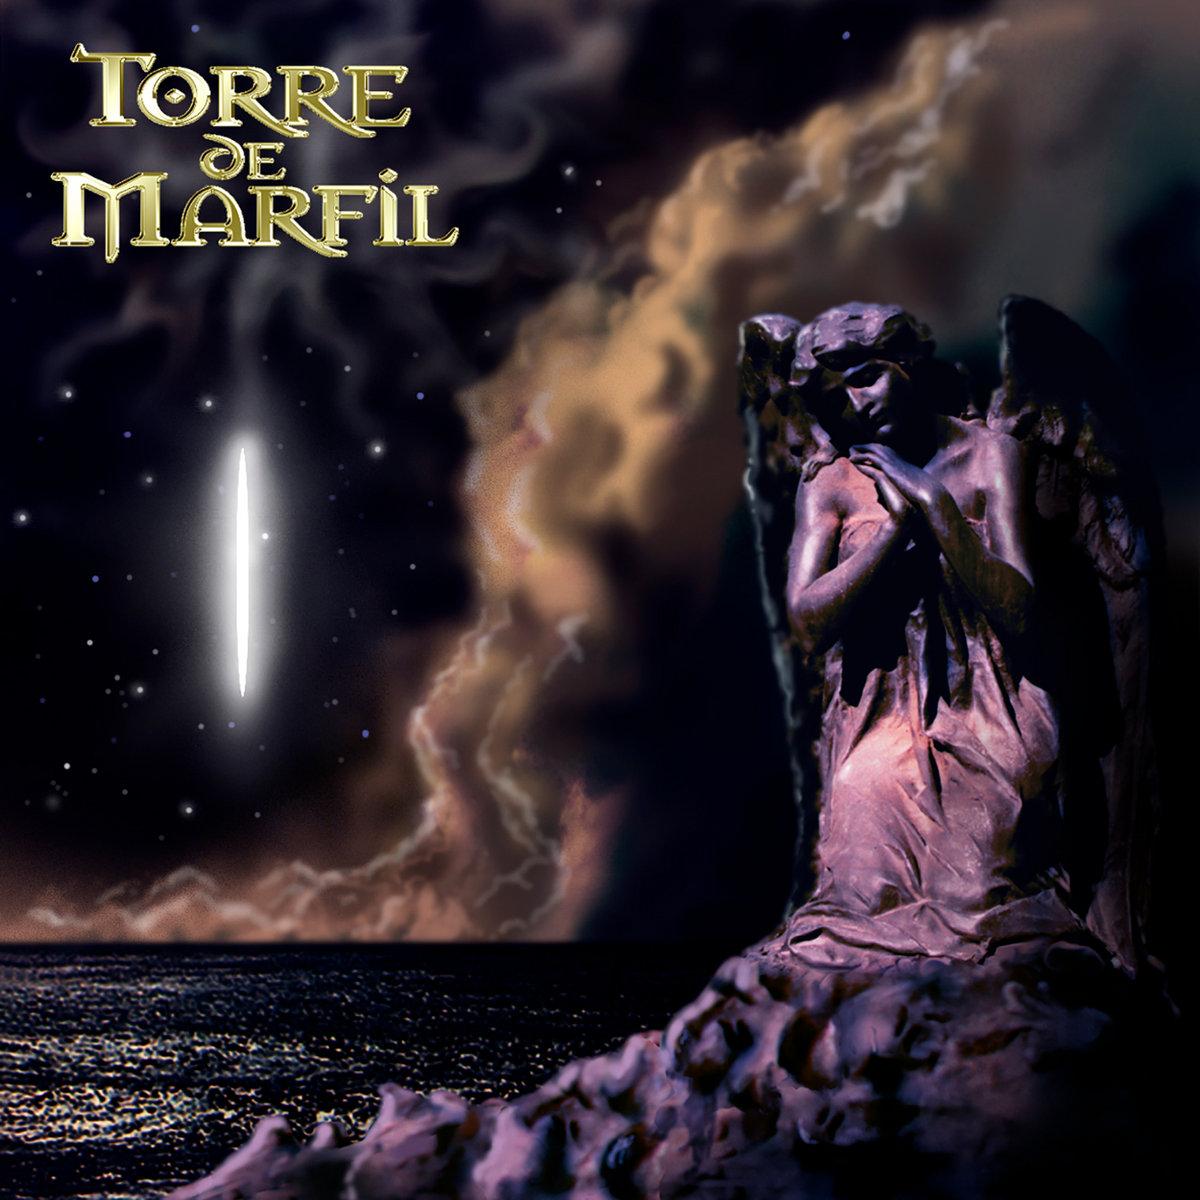 Torre de Marfil - Torre de marfil